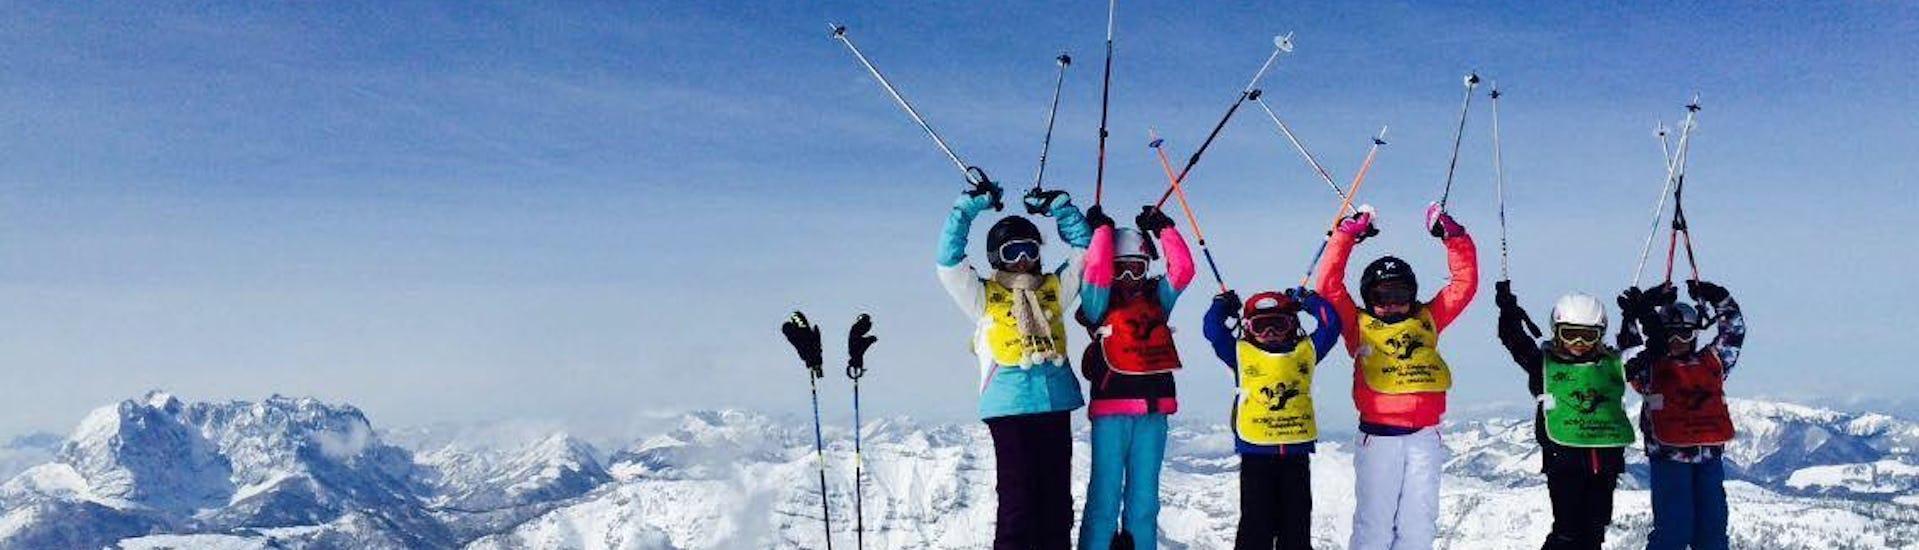 Skikurs für Kinder (5-15 Jahre) - Fortgeschritten